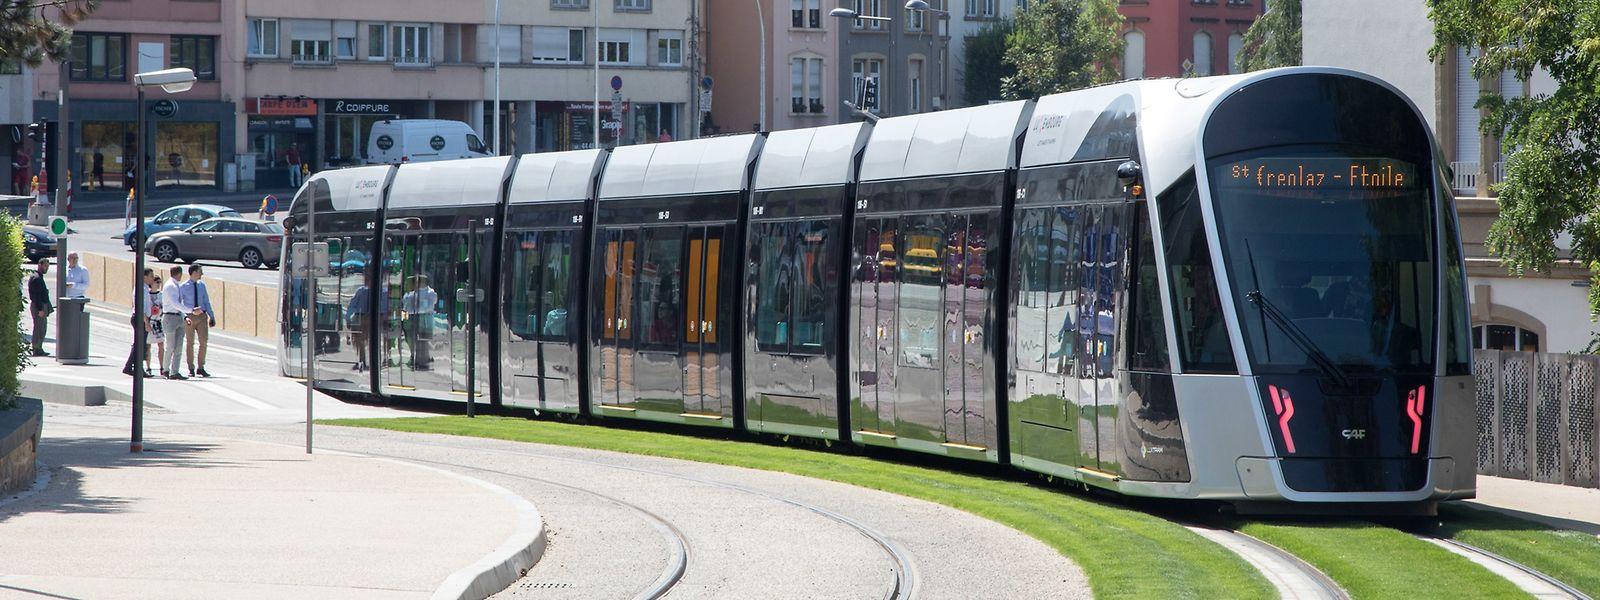 Alle sechs Minuten verkehrt die Tram wochentags zwischen Luxexpo und Stäreplaz.